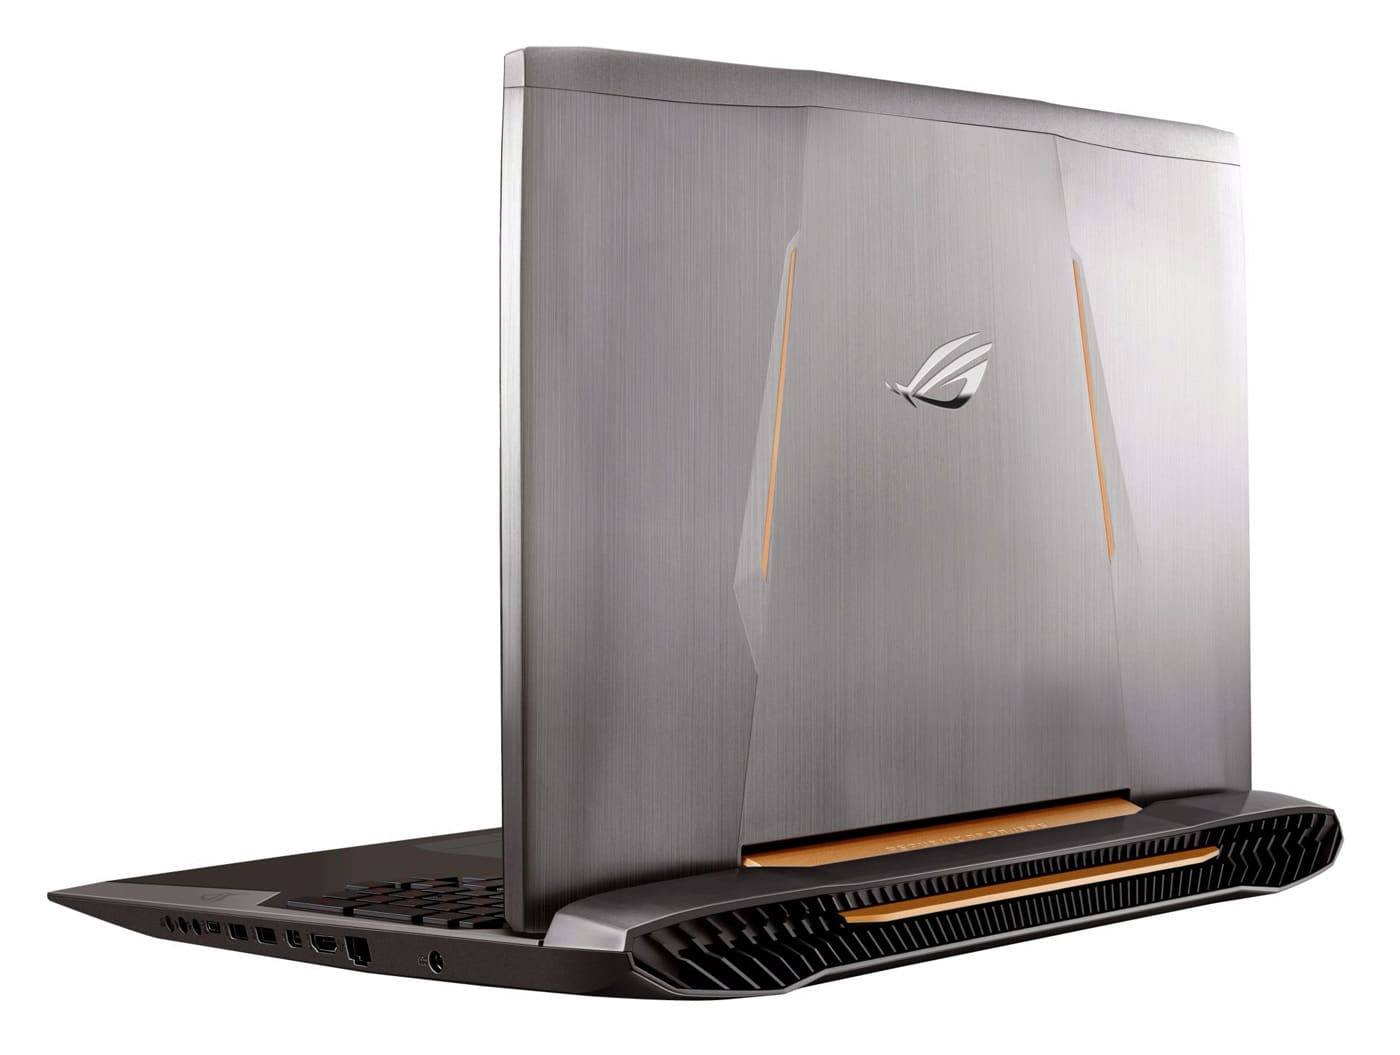 Asus G752VS-GC018T, PC portable 17 pouces GTX 1070 SSD i7 dispo 2499€